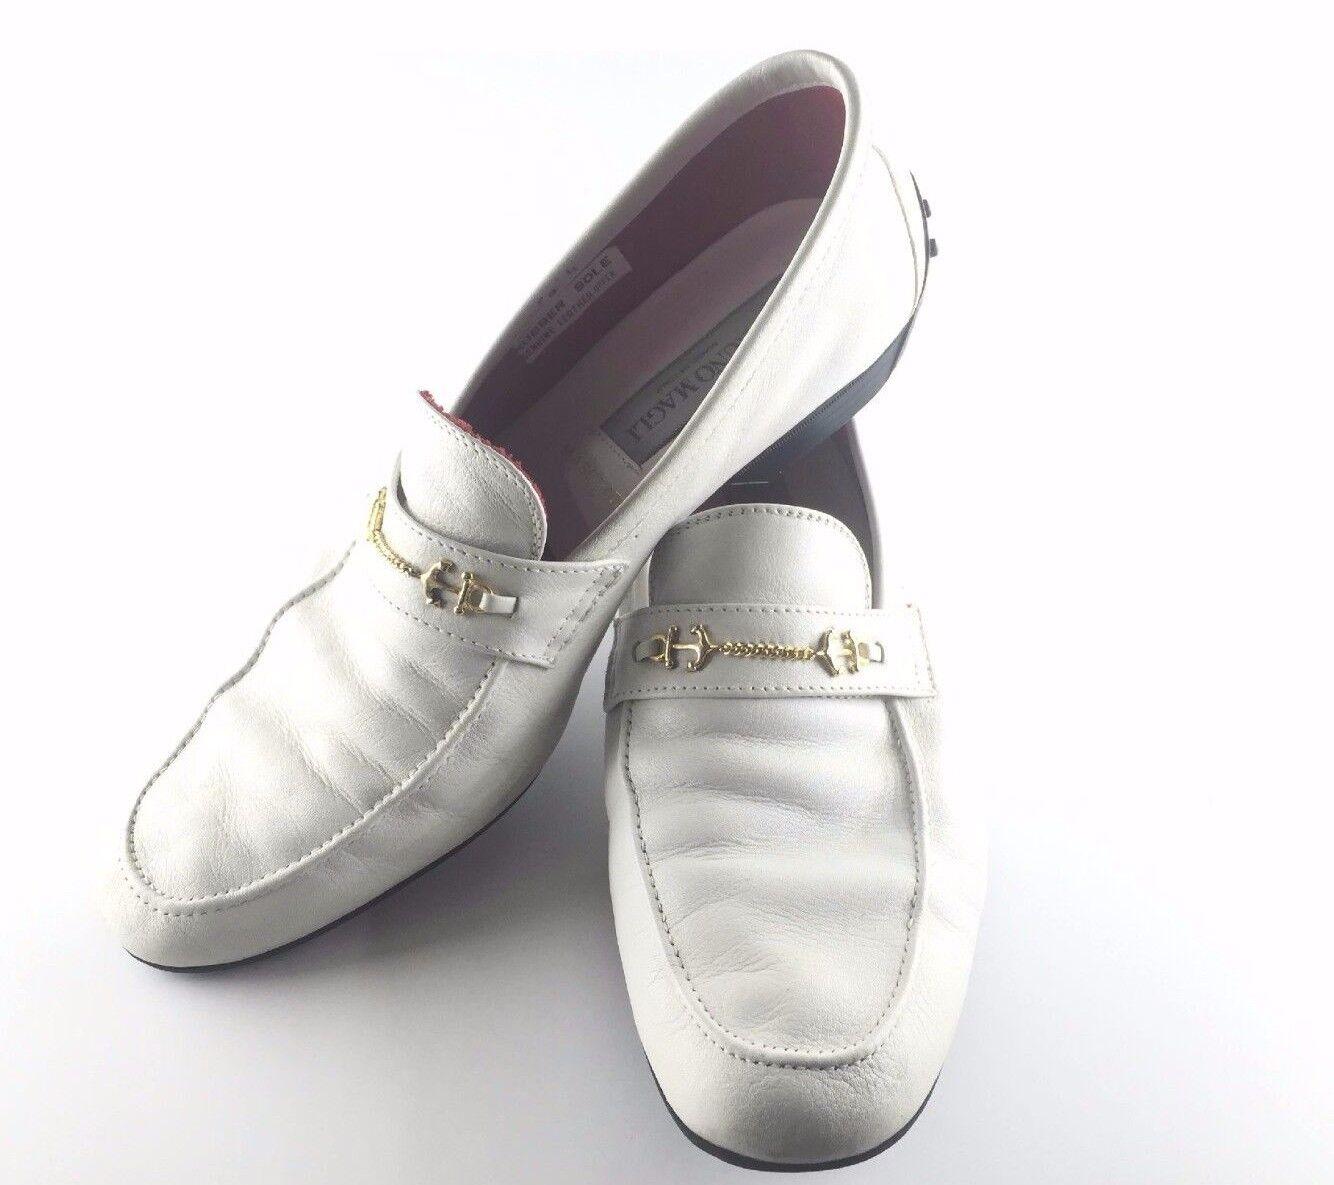 BRUNO MAGLI - PIRELLI - MASERATI Vintage White Leather Driving Shoes 9.5 *RARE*